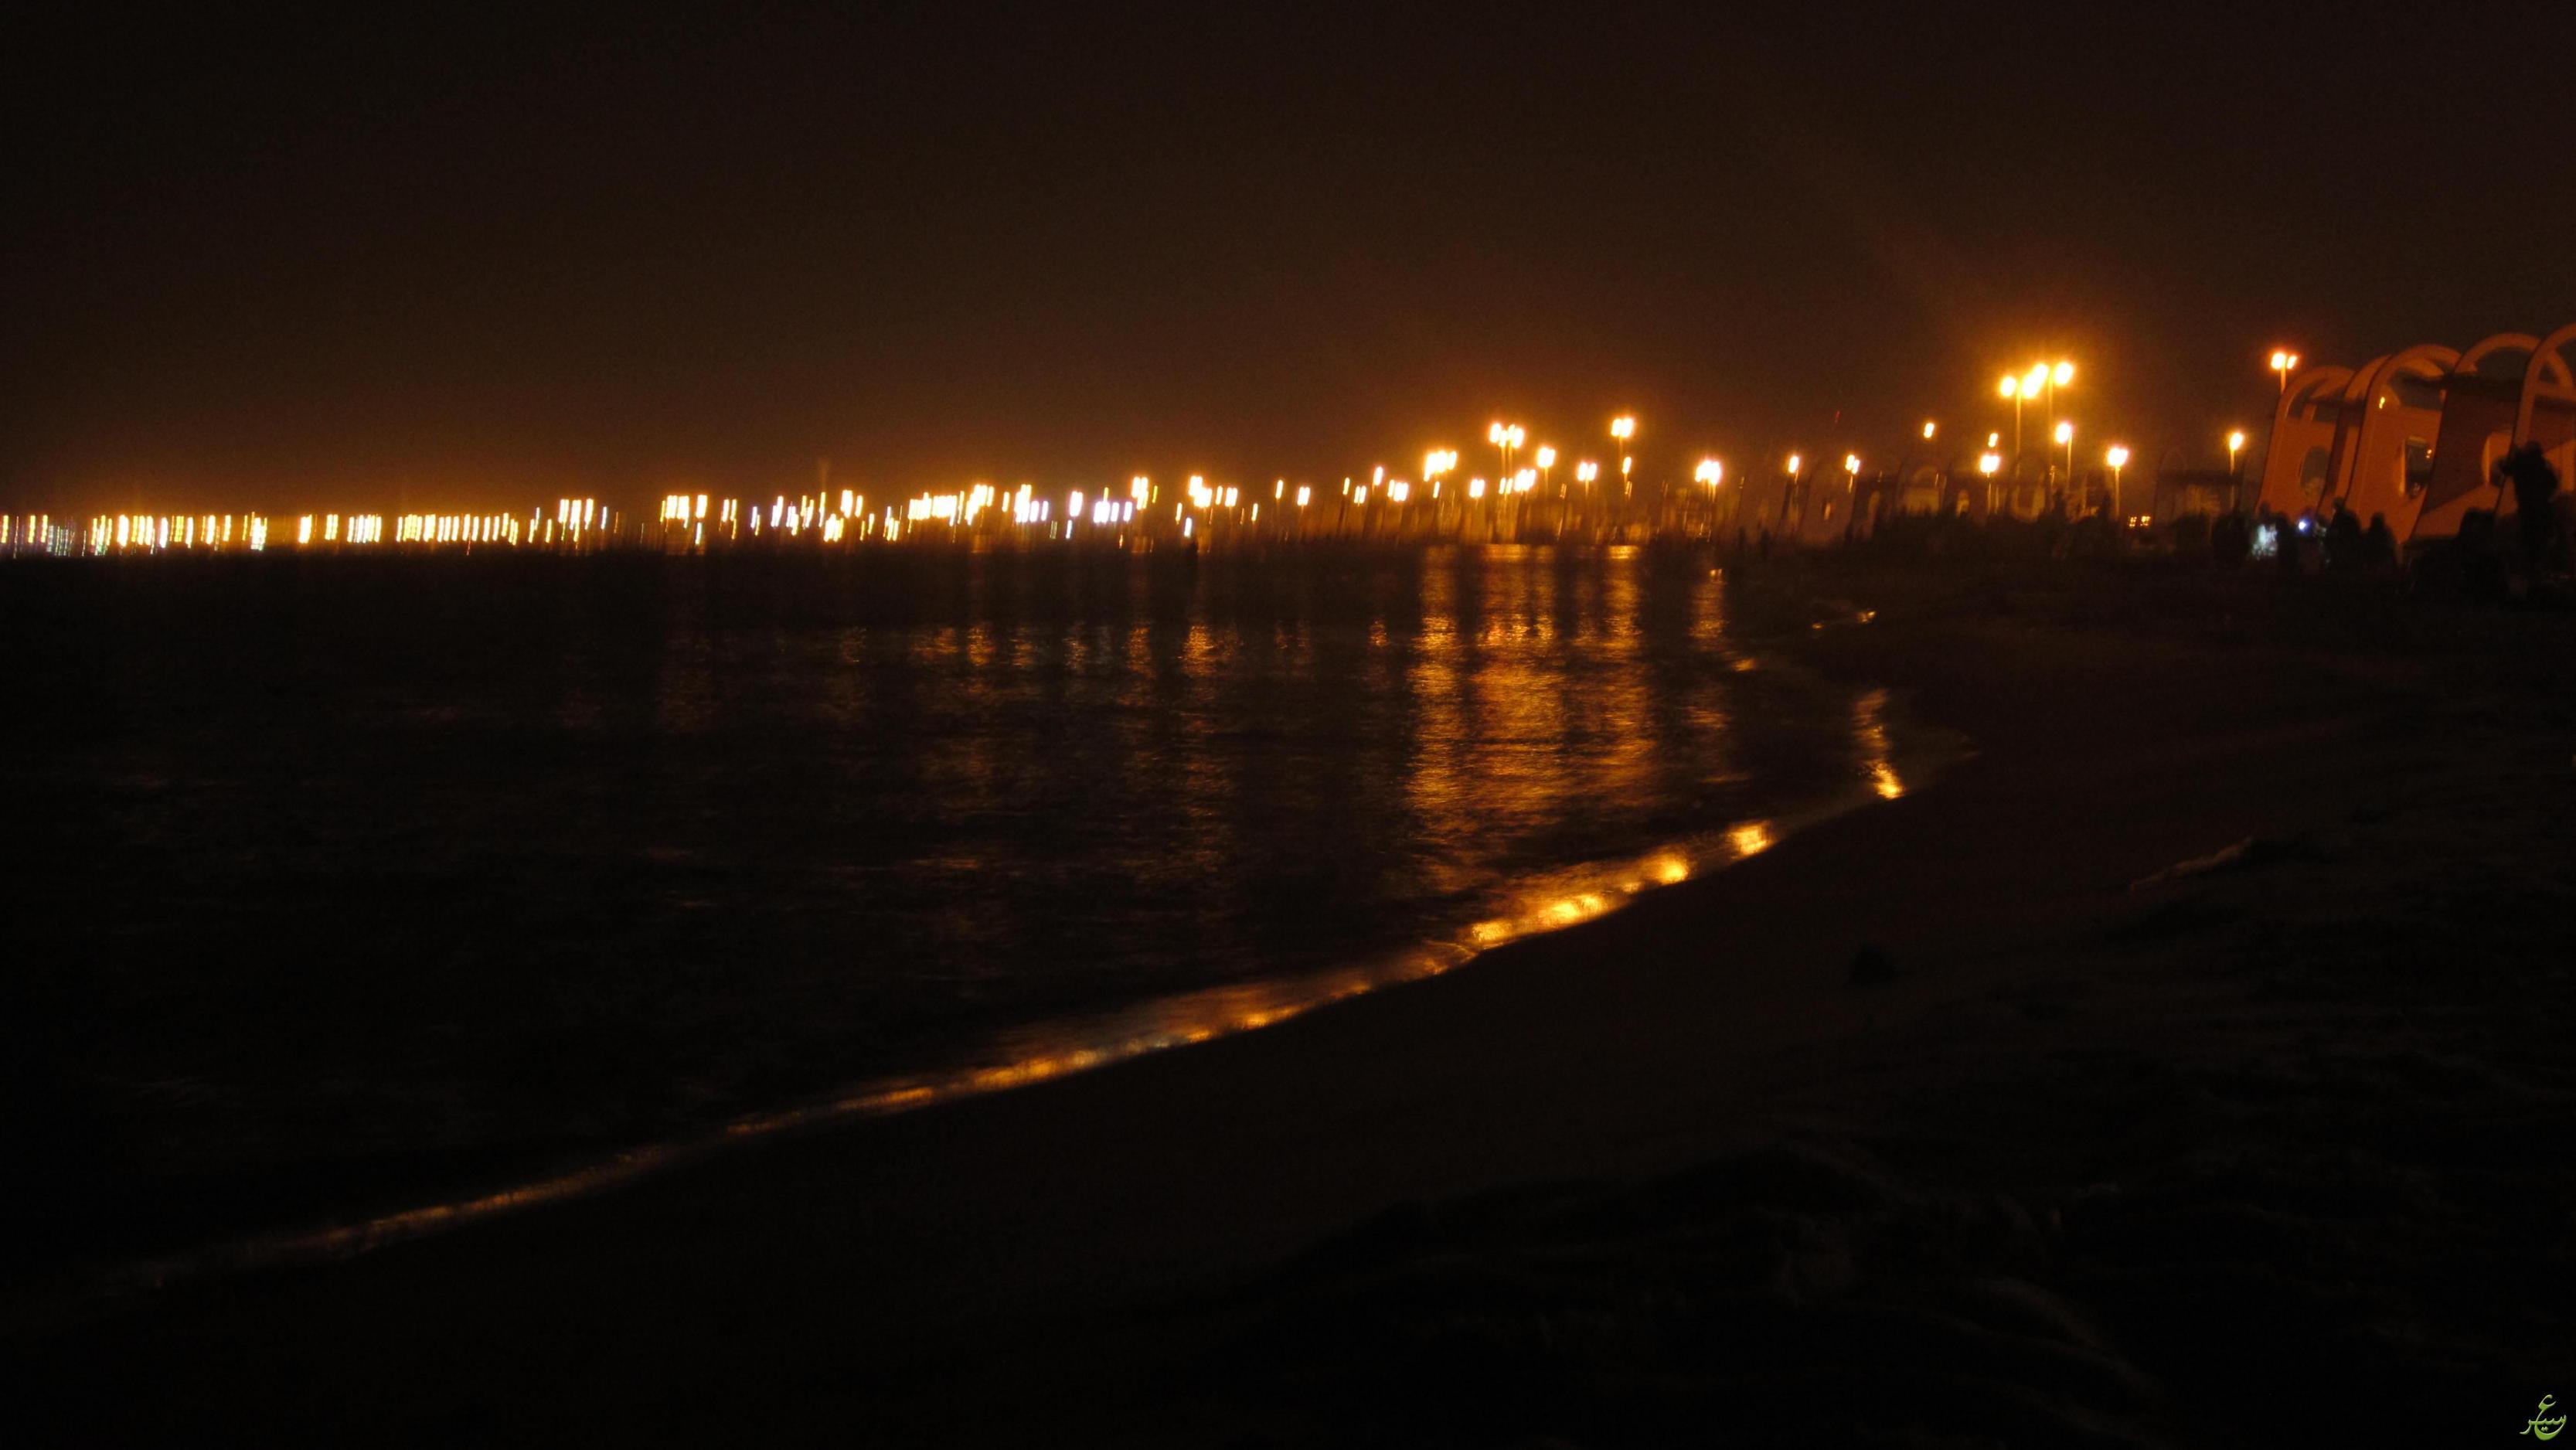 بالصور اجمل صور للبحر في الليل 20160622 403